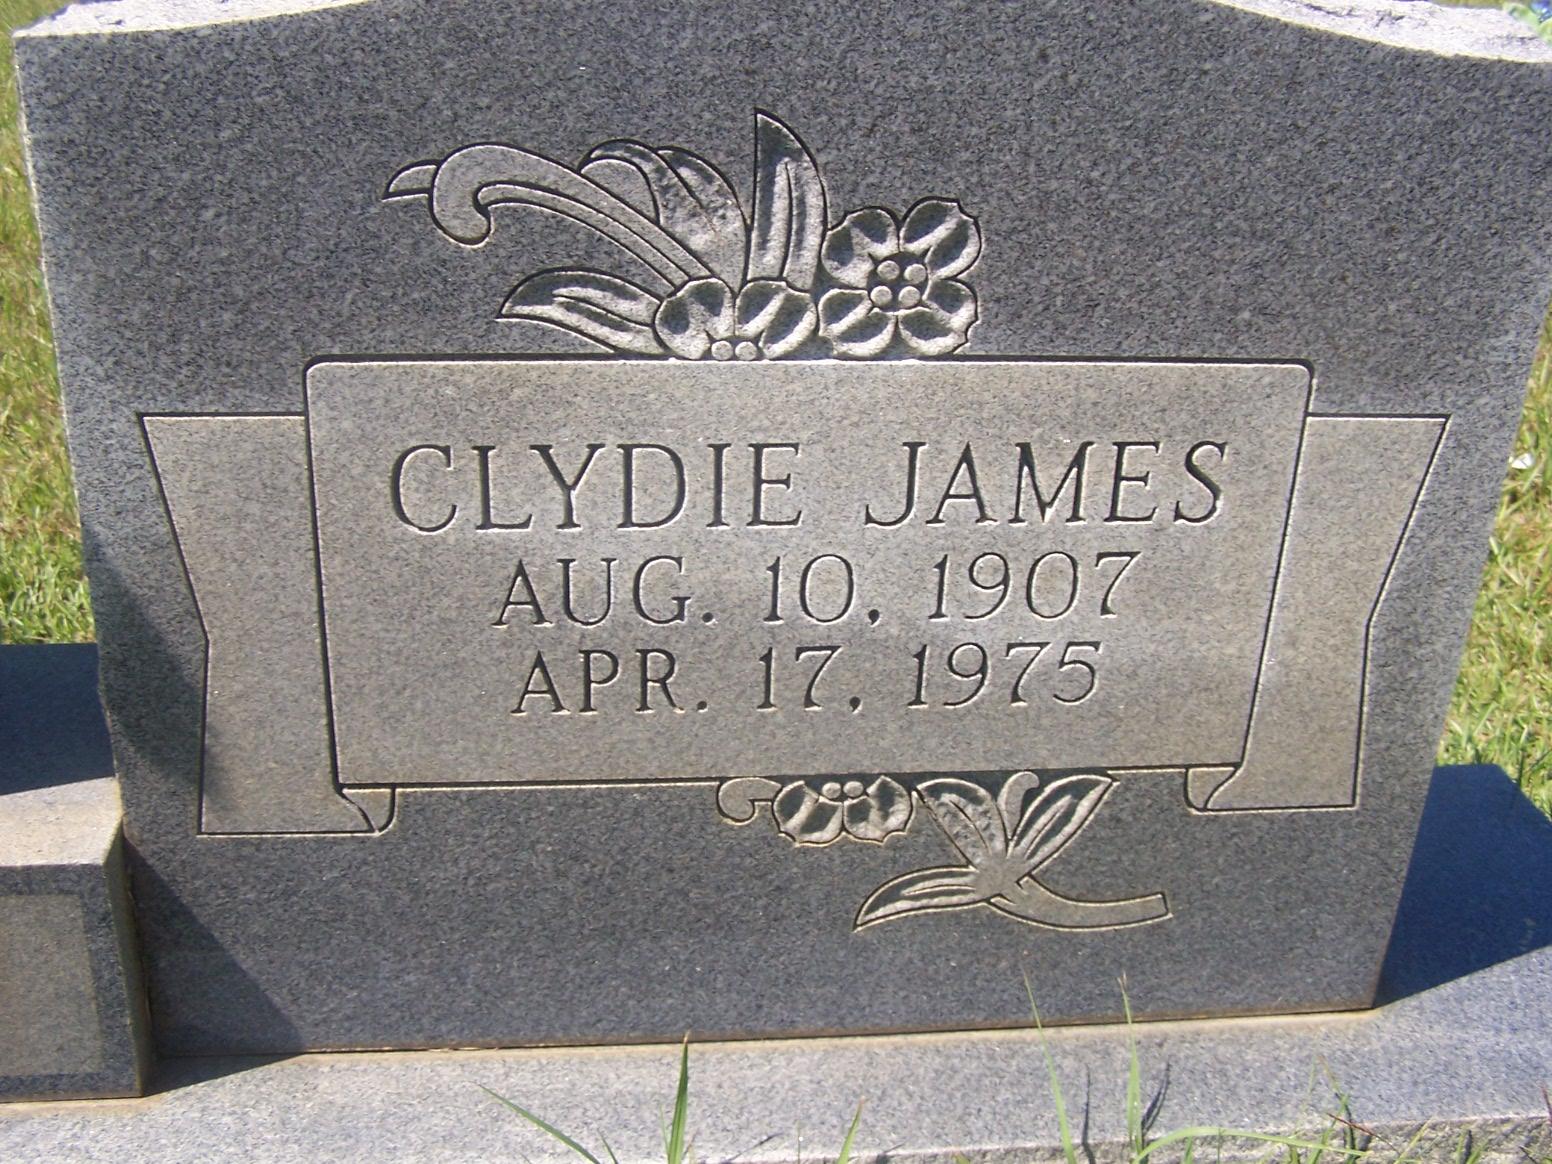 James Clyde Martin